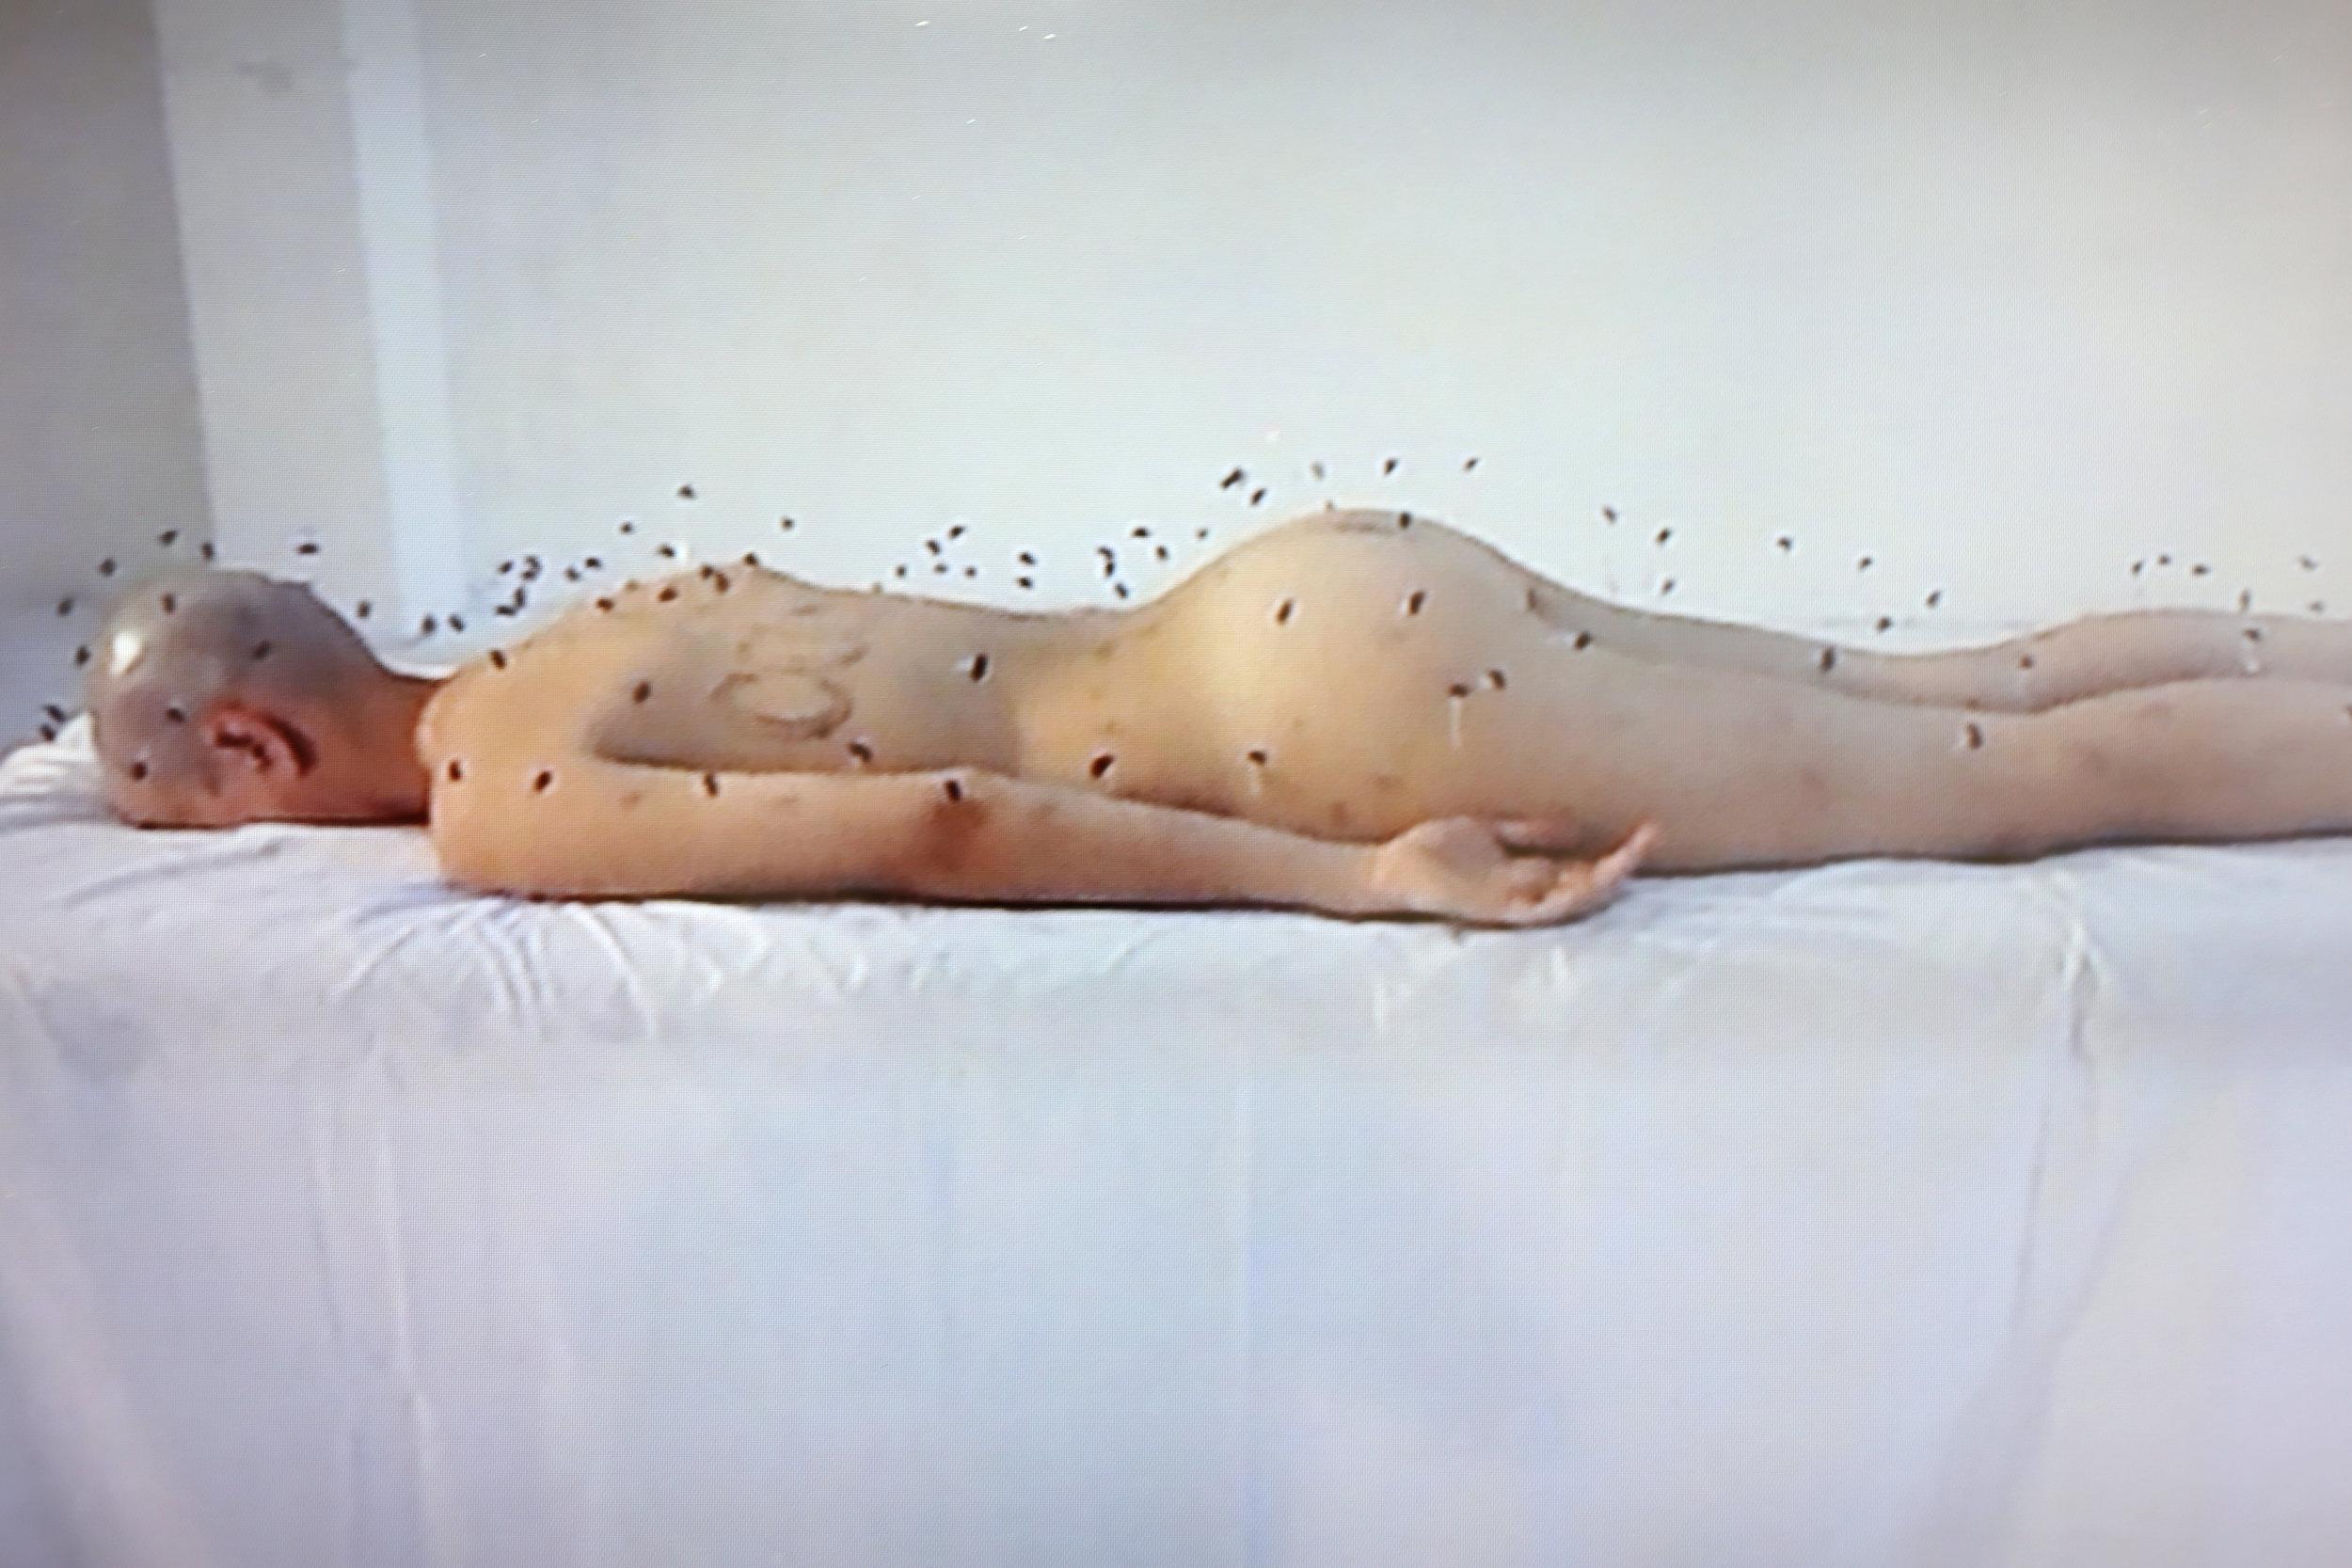 Marina Barsy Janer / (Detalle) Dermis Comunal:Transmutación de una epistemología colonial, 2015 / Video/Instalación / Medidas Variables